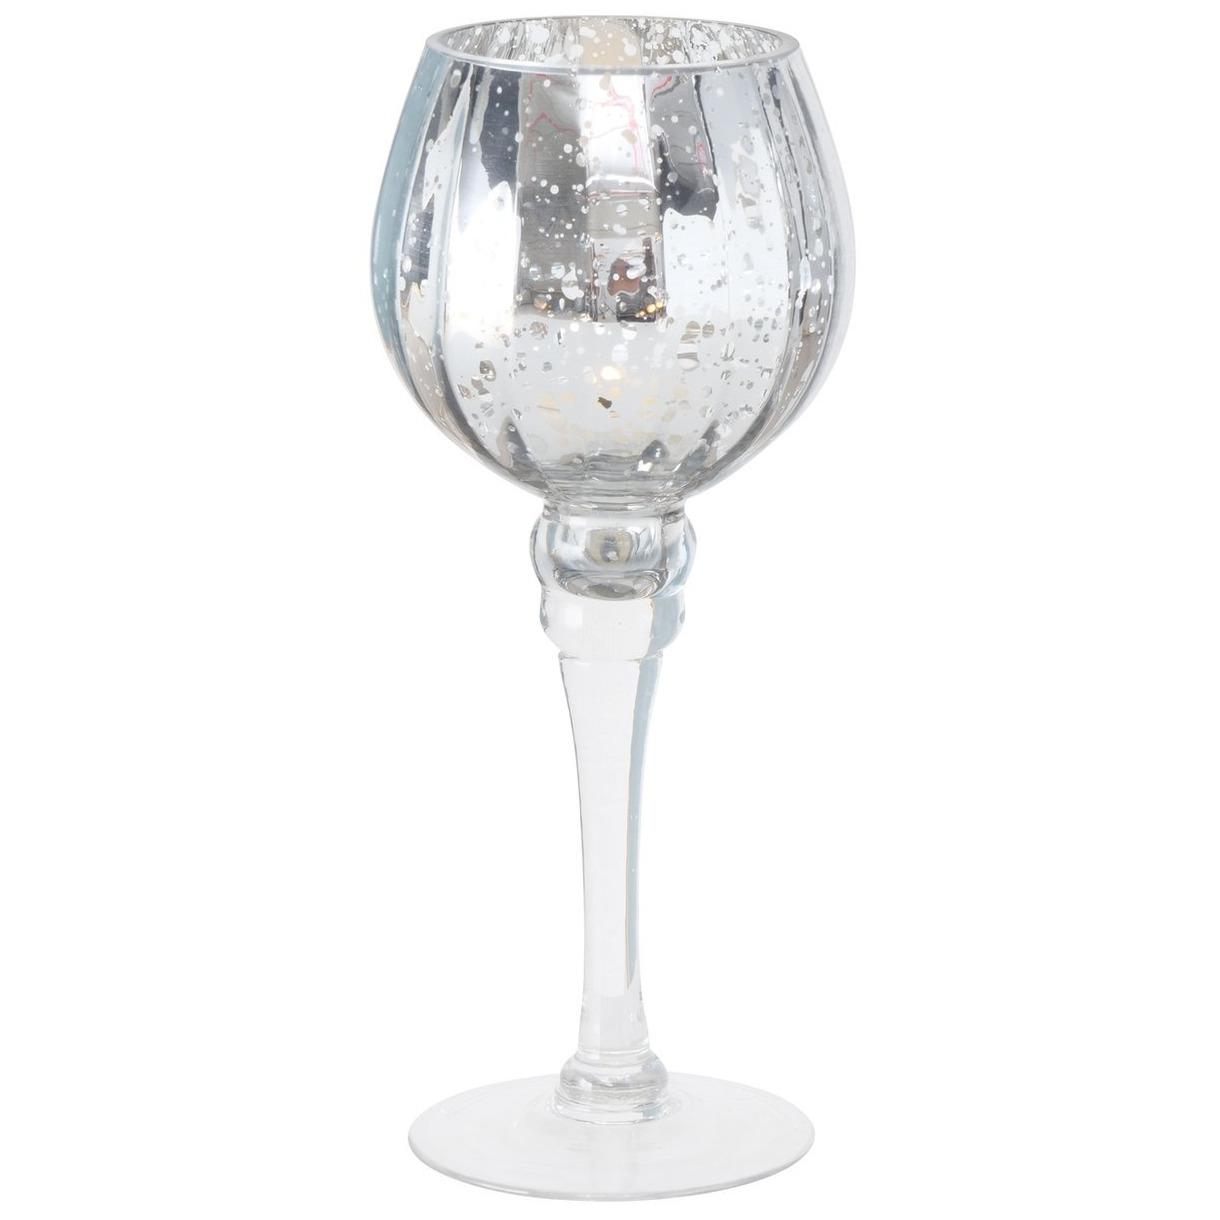 Luxe glazen design kaarsenhouder-windlicht metallic zilver transparant 25 cm